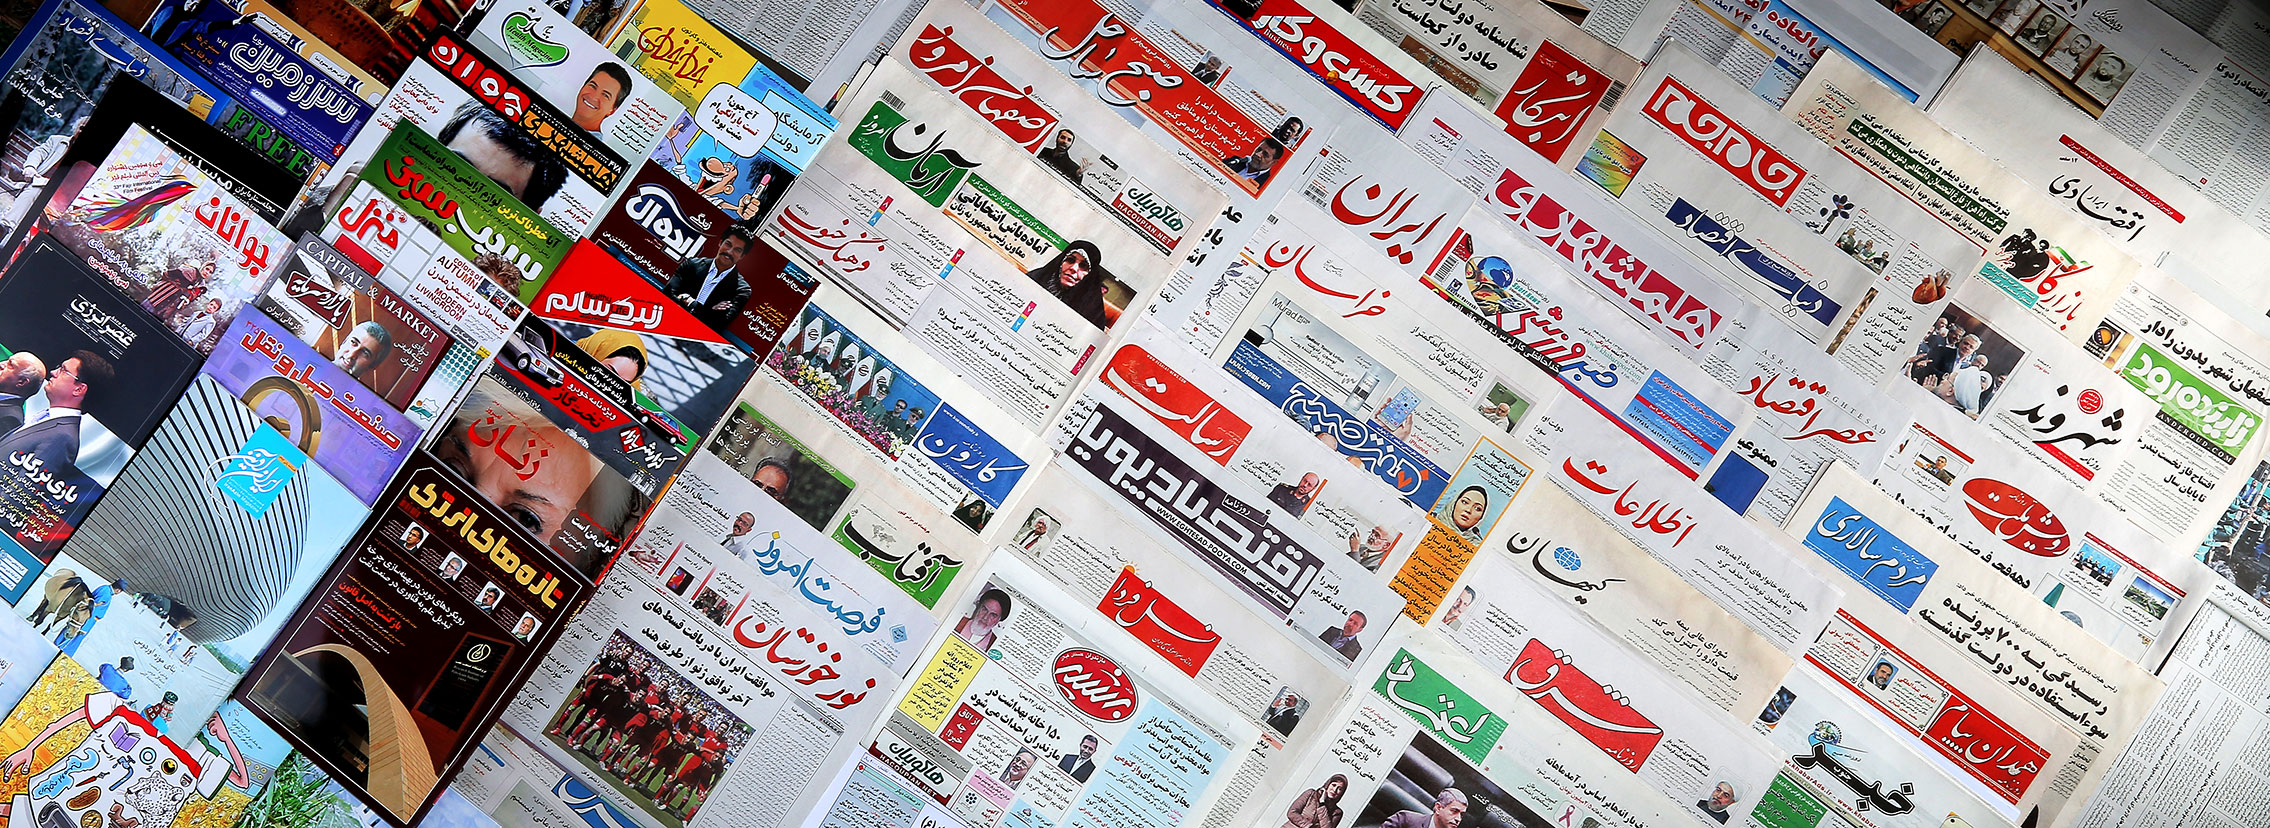 رسانهها خالی از صدای مردم